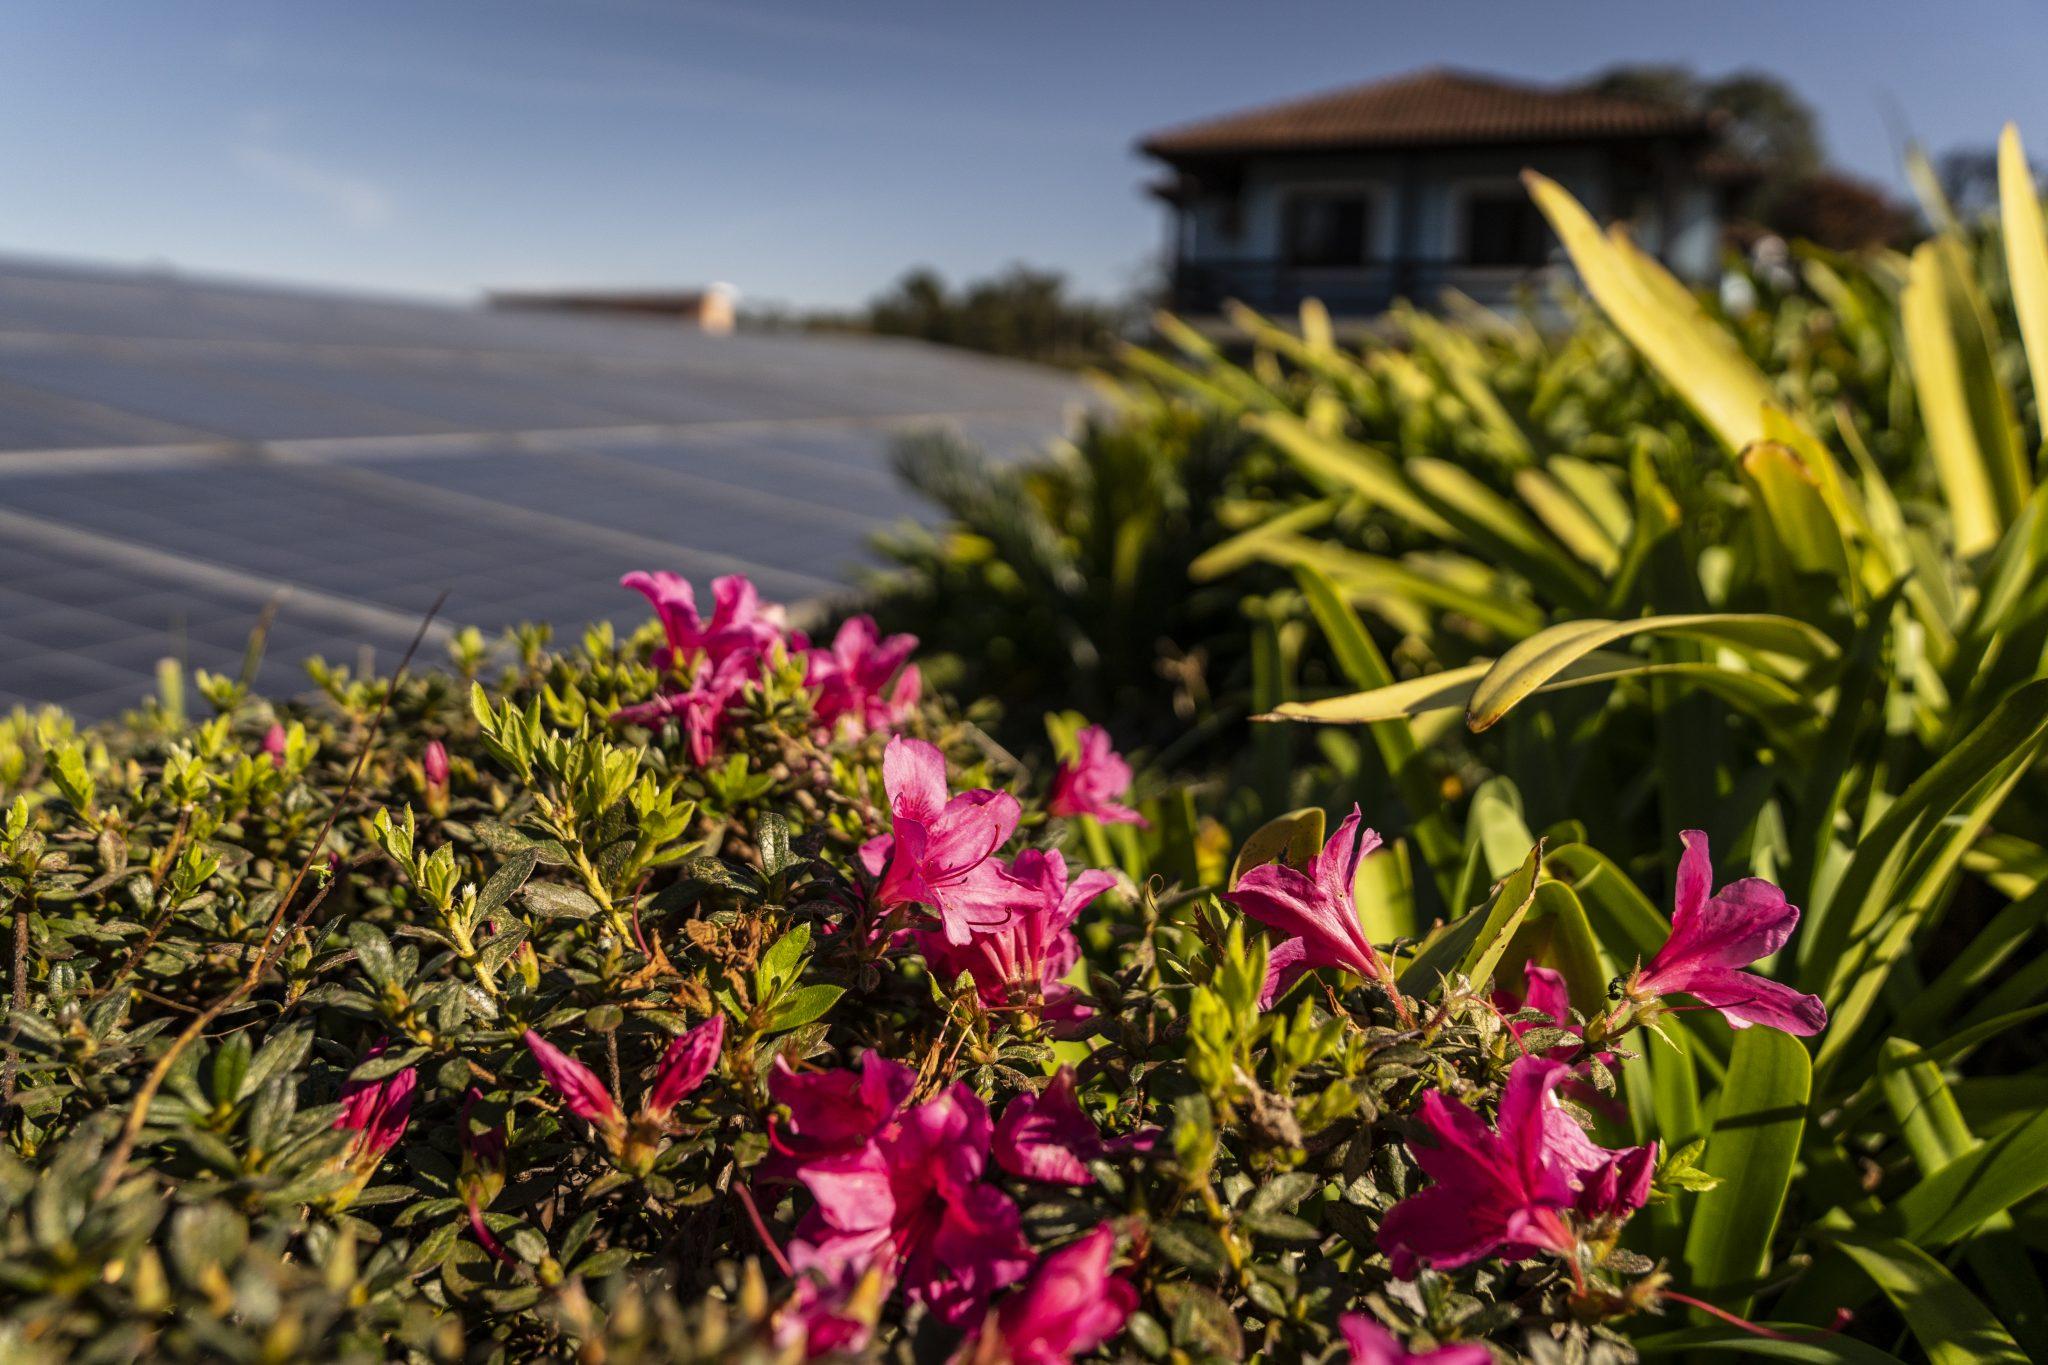 Flores e Painel Solar Hotel Fazenda em Gramado - Foto Marcelo Curia